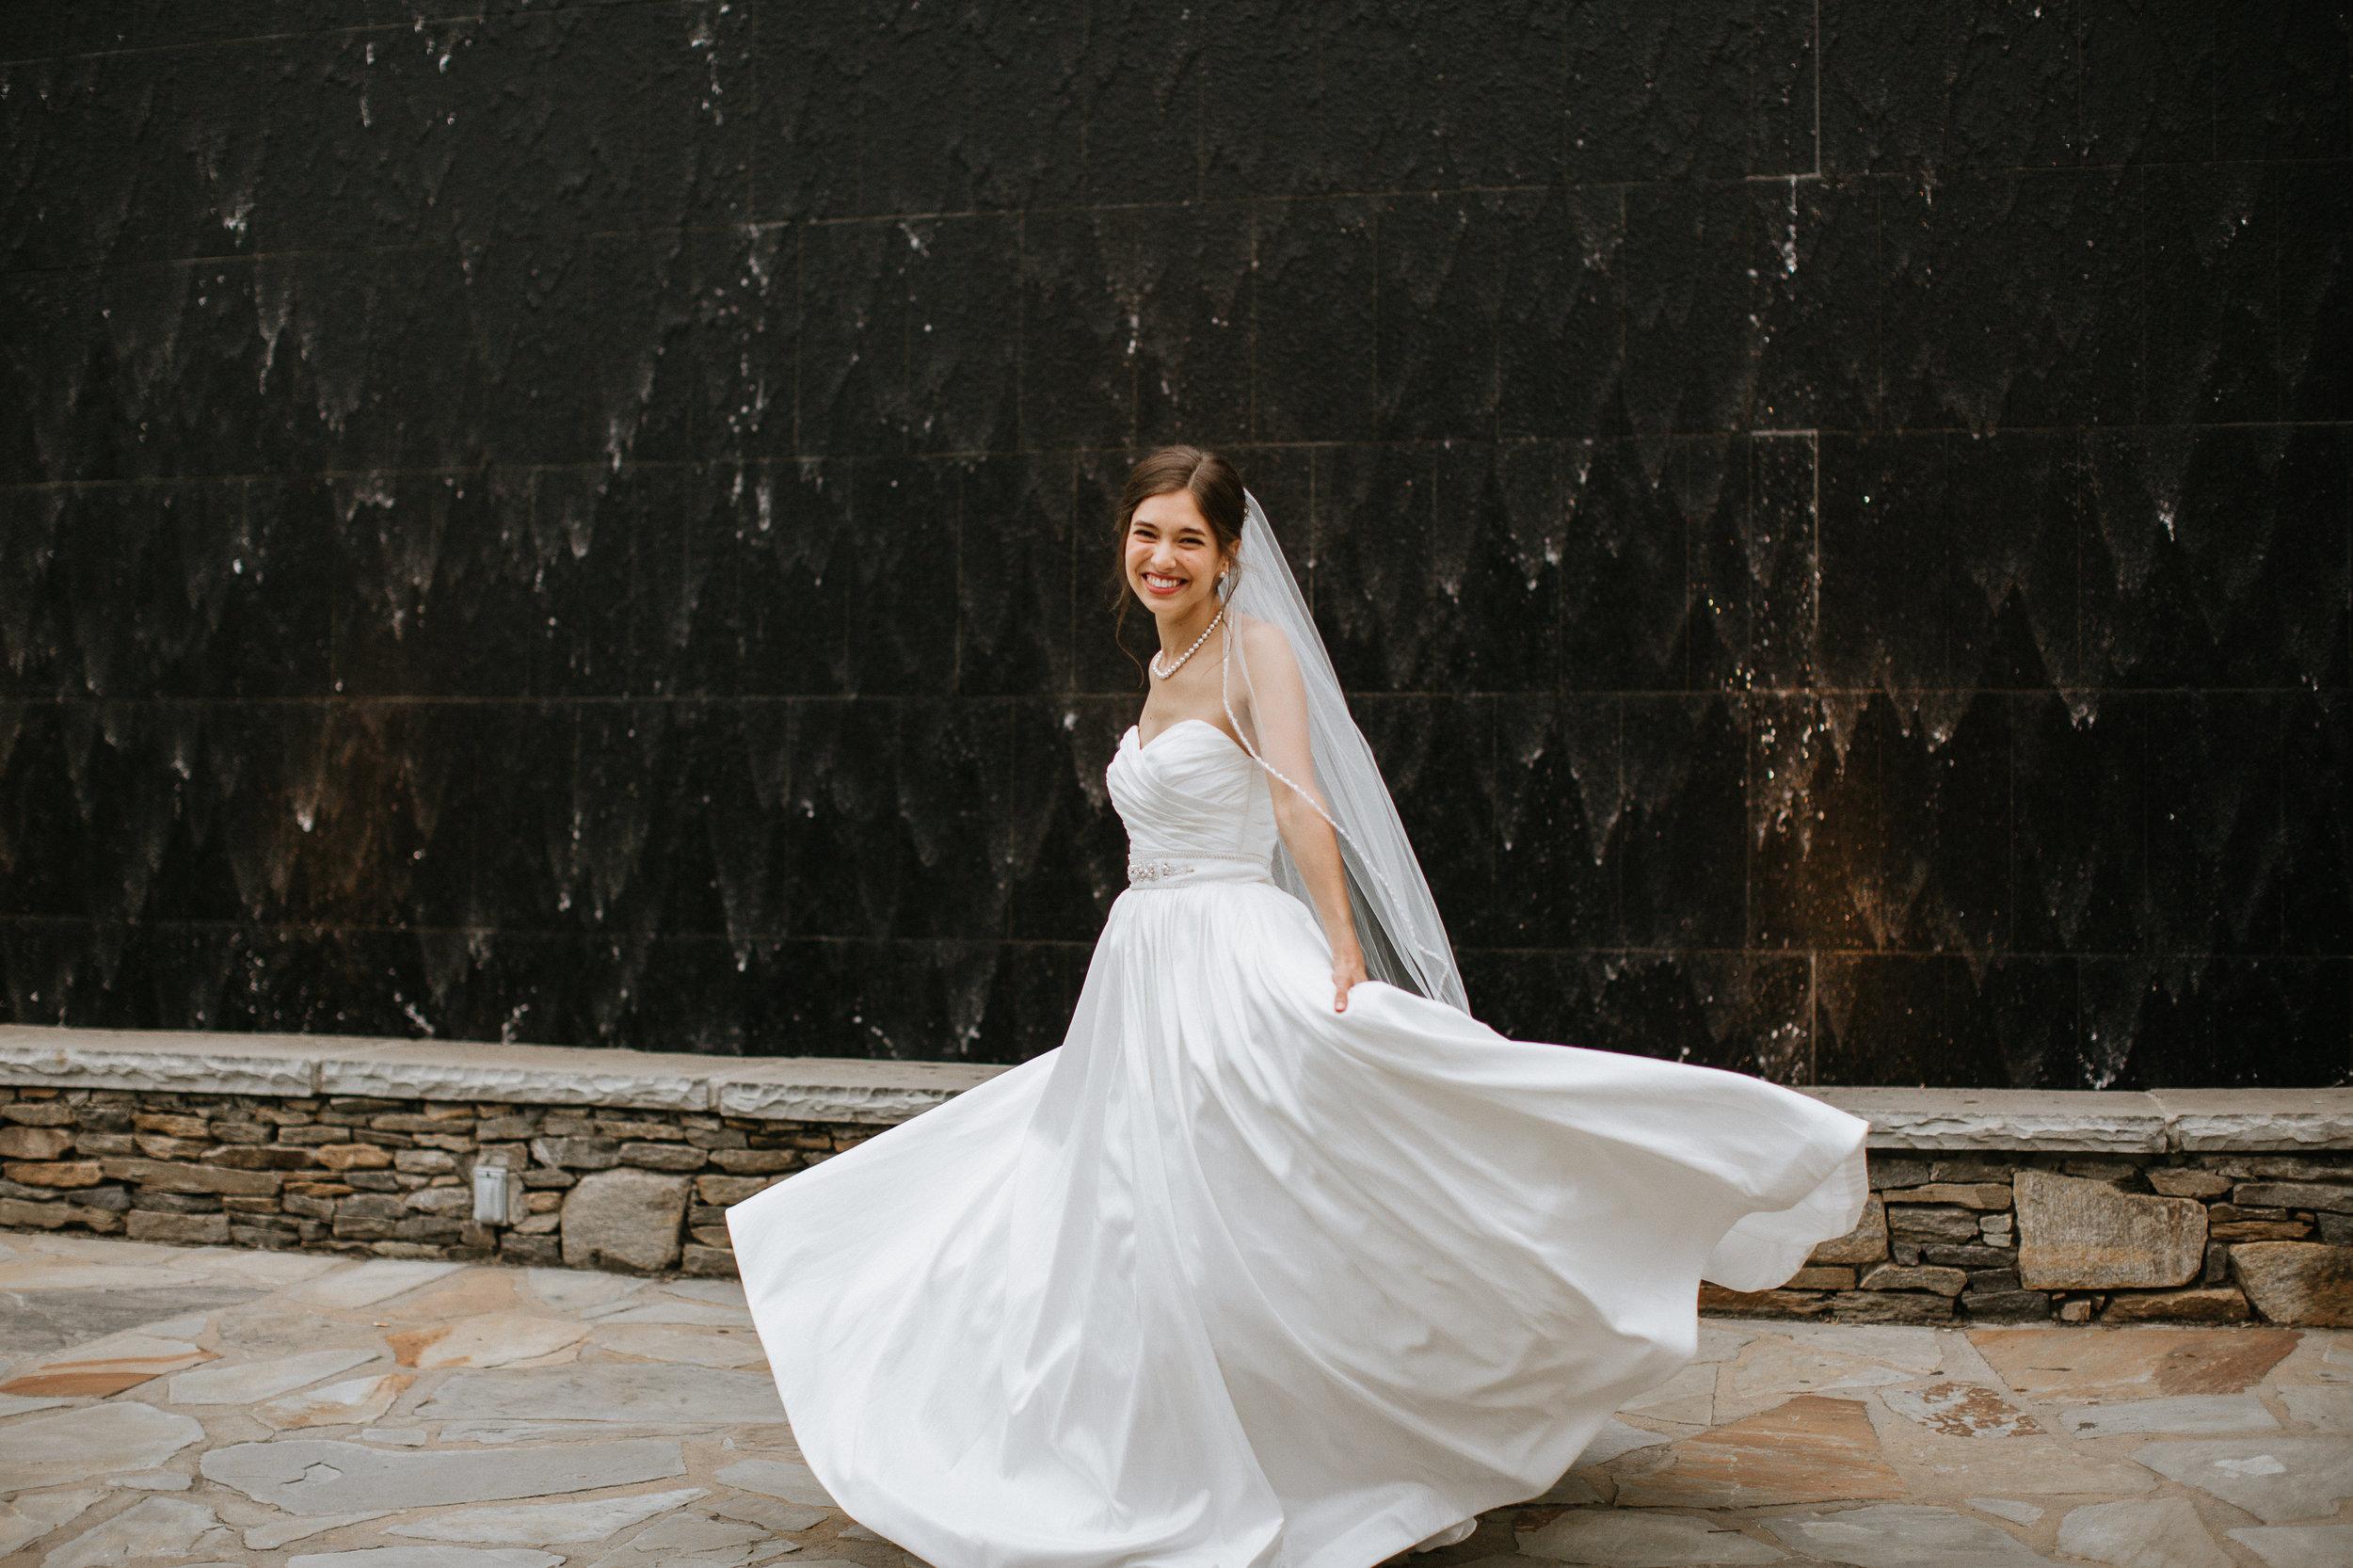 hanna bridals pt 1-hanna edited-0026.jpg